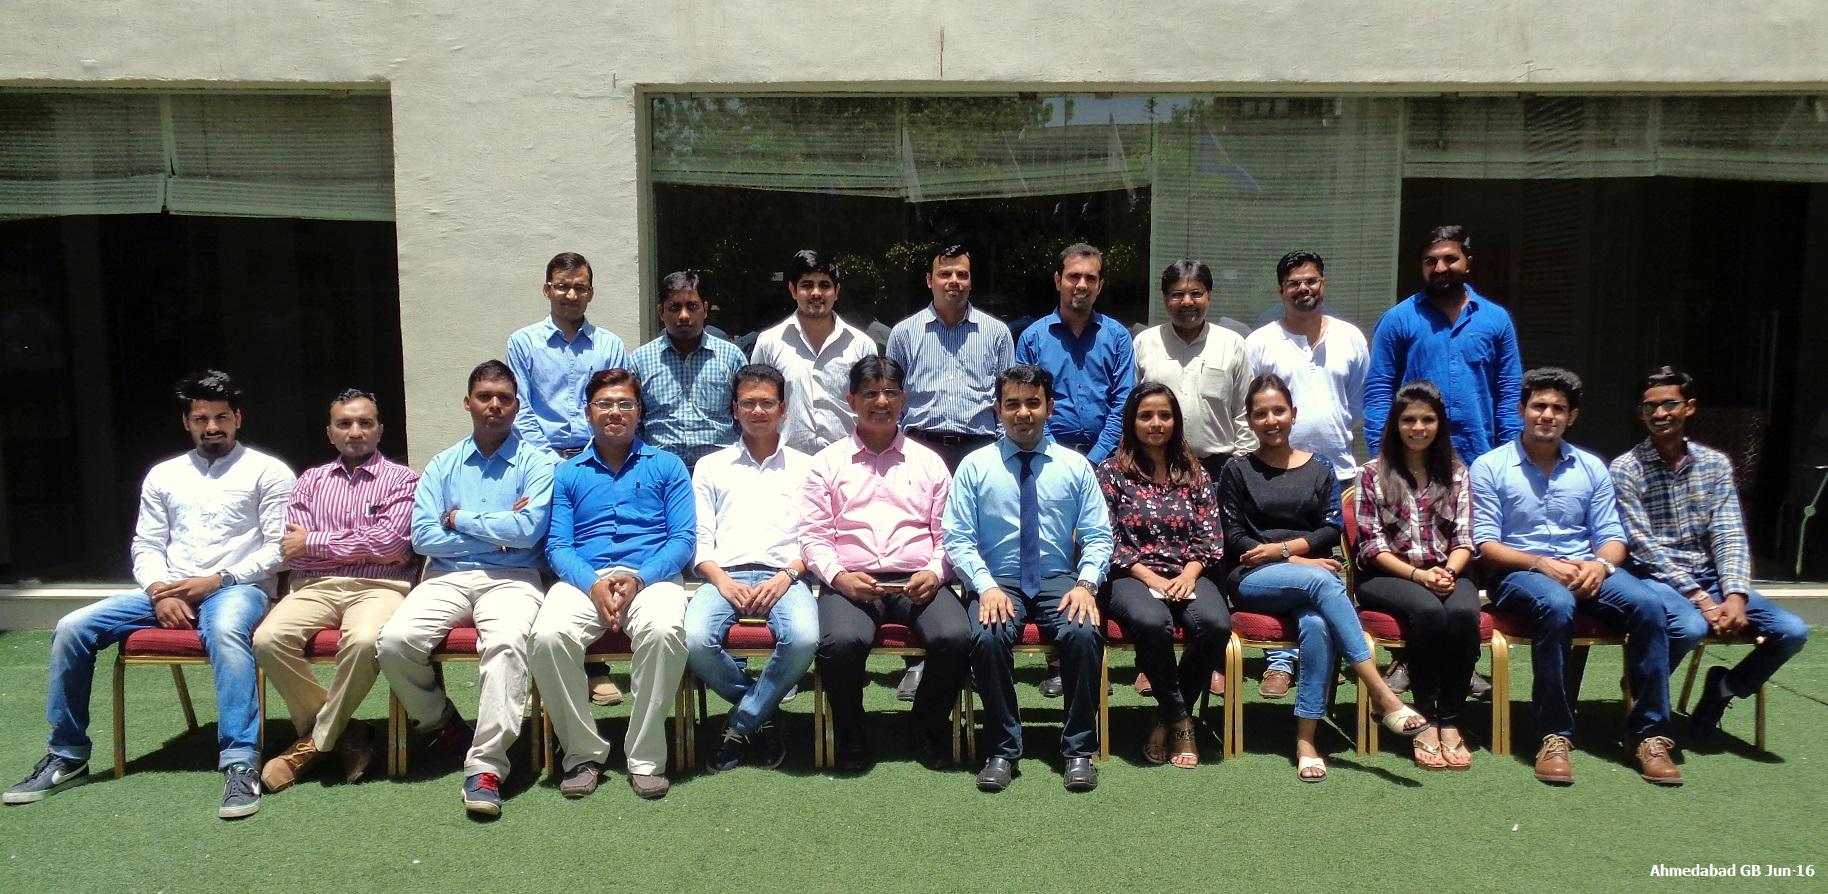 Ahmedabad GB Jun 16